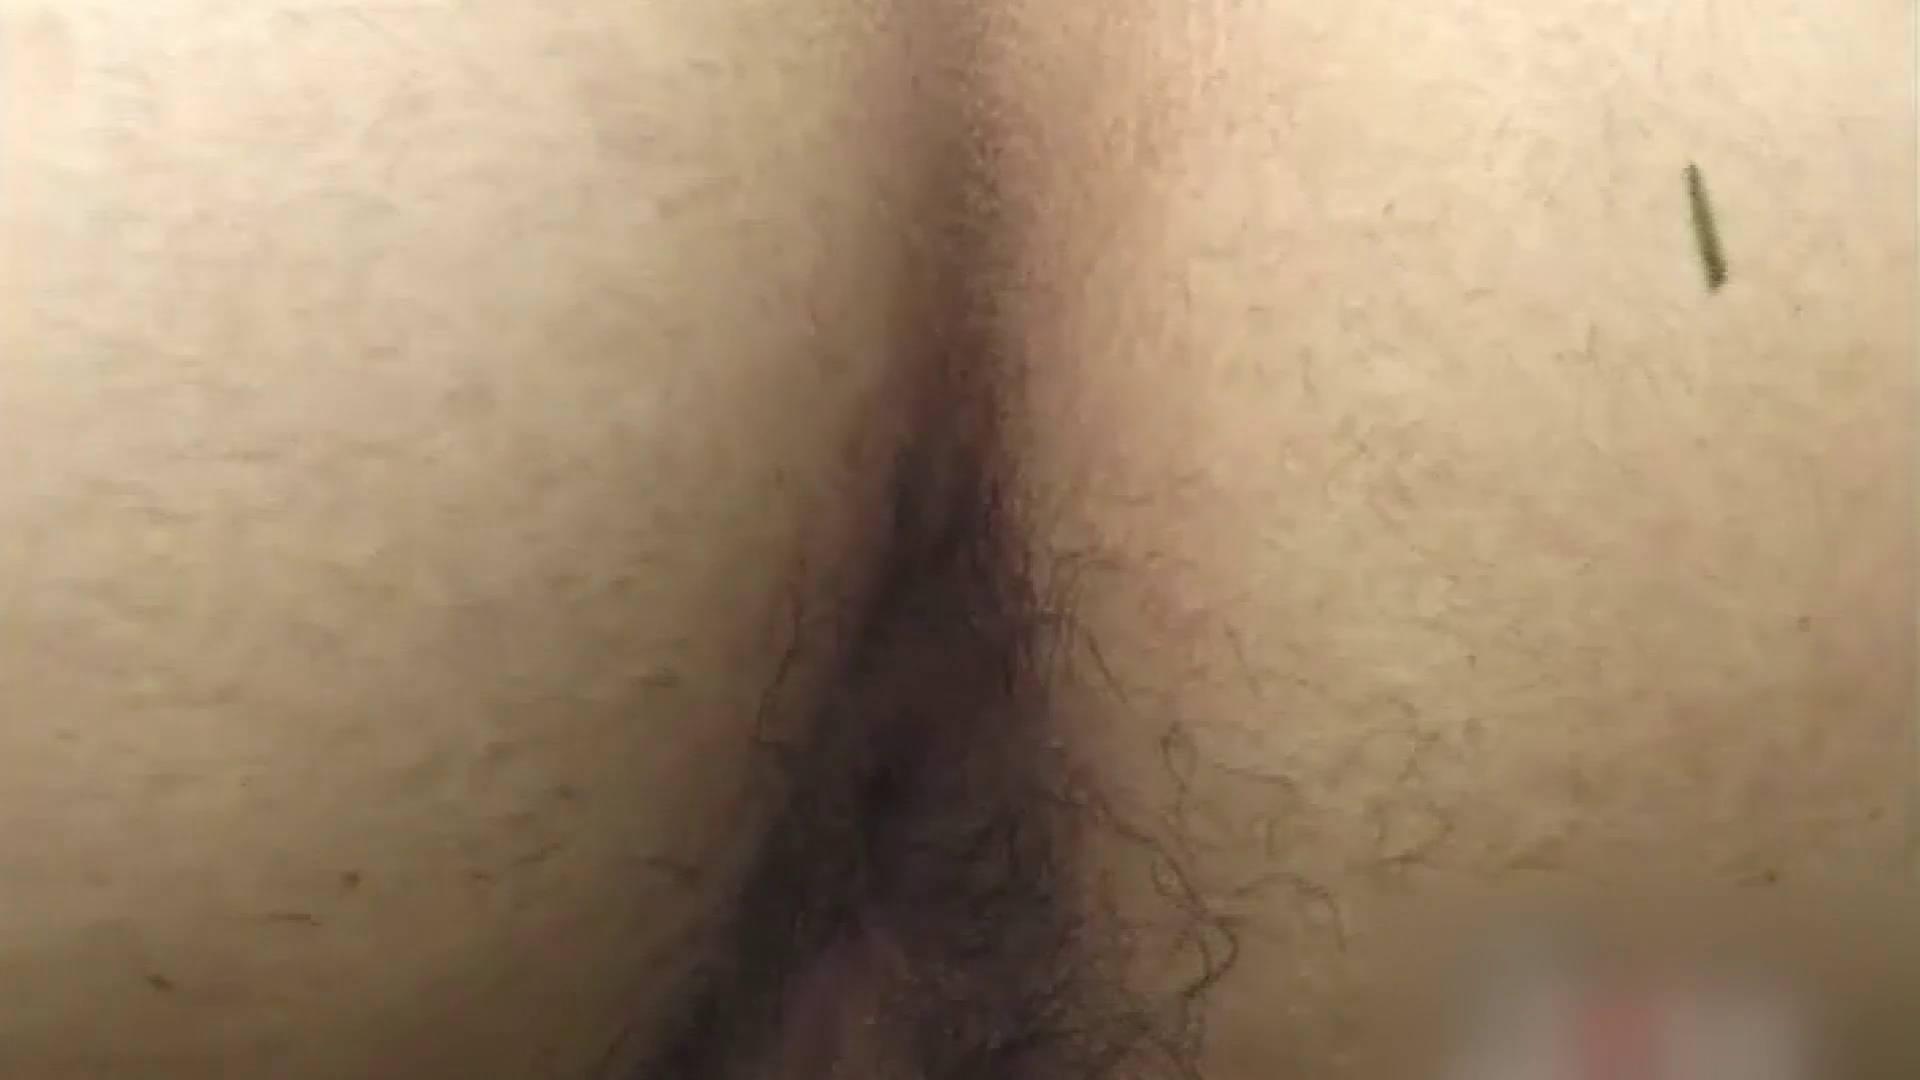 珍肉も筋肉の内!!vol.4 野外露出動画 | 肉まつり ゲイ素人エロ画像 111pic 64